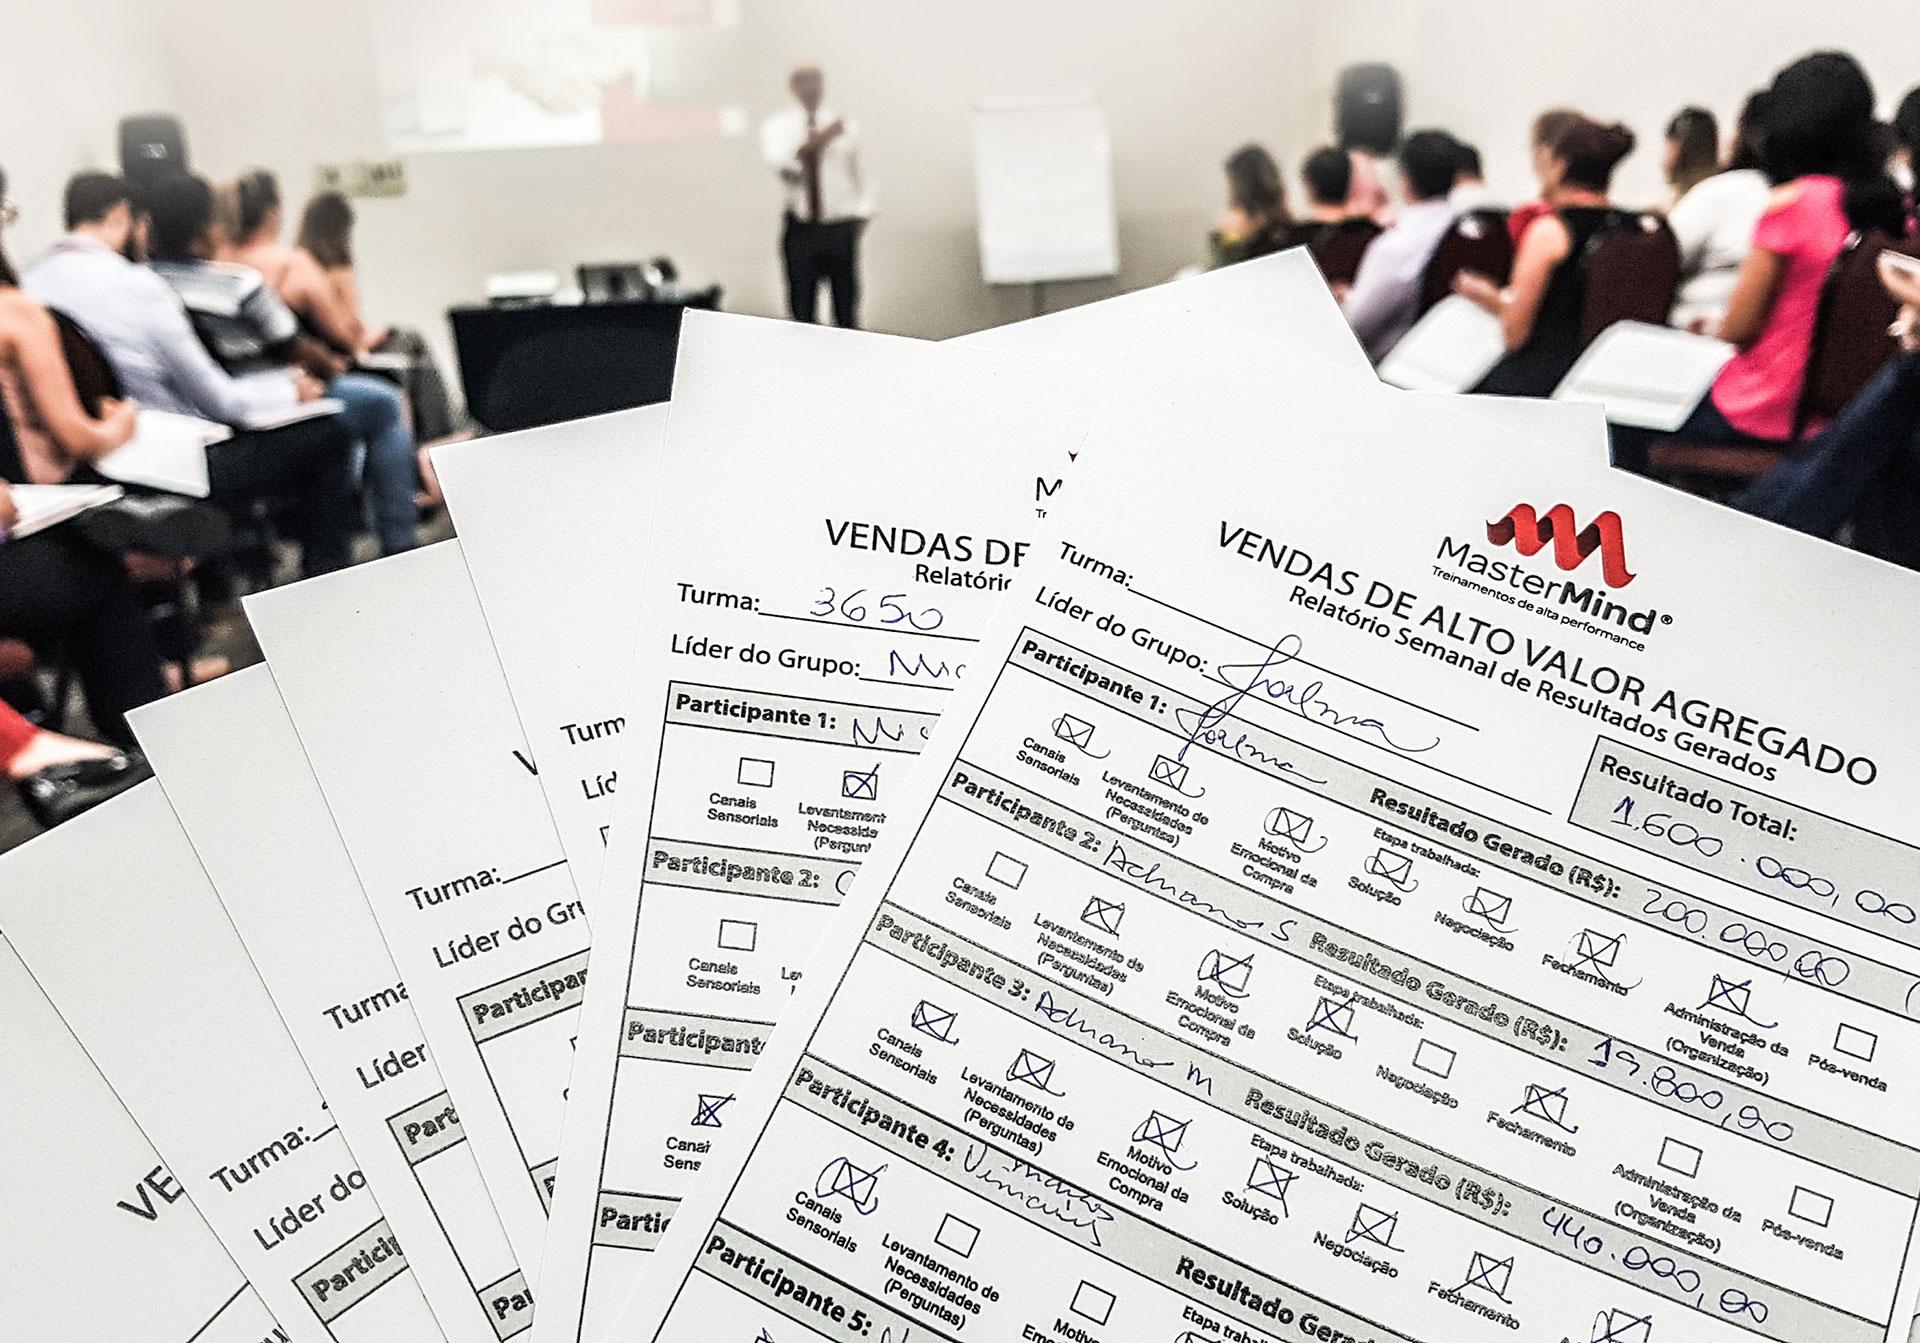 http://mastermindcampinas.com.br/wp-content/uploads/2018/04/treinamento_vendas_campinas.jpg